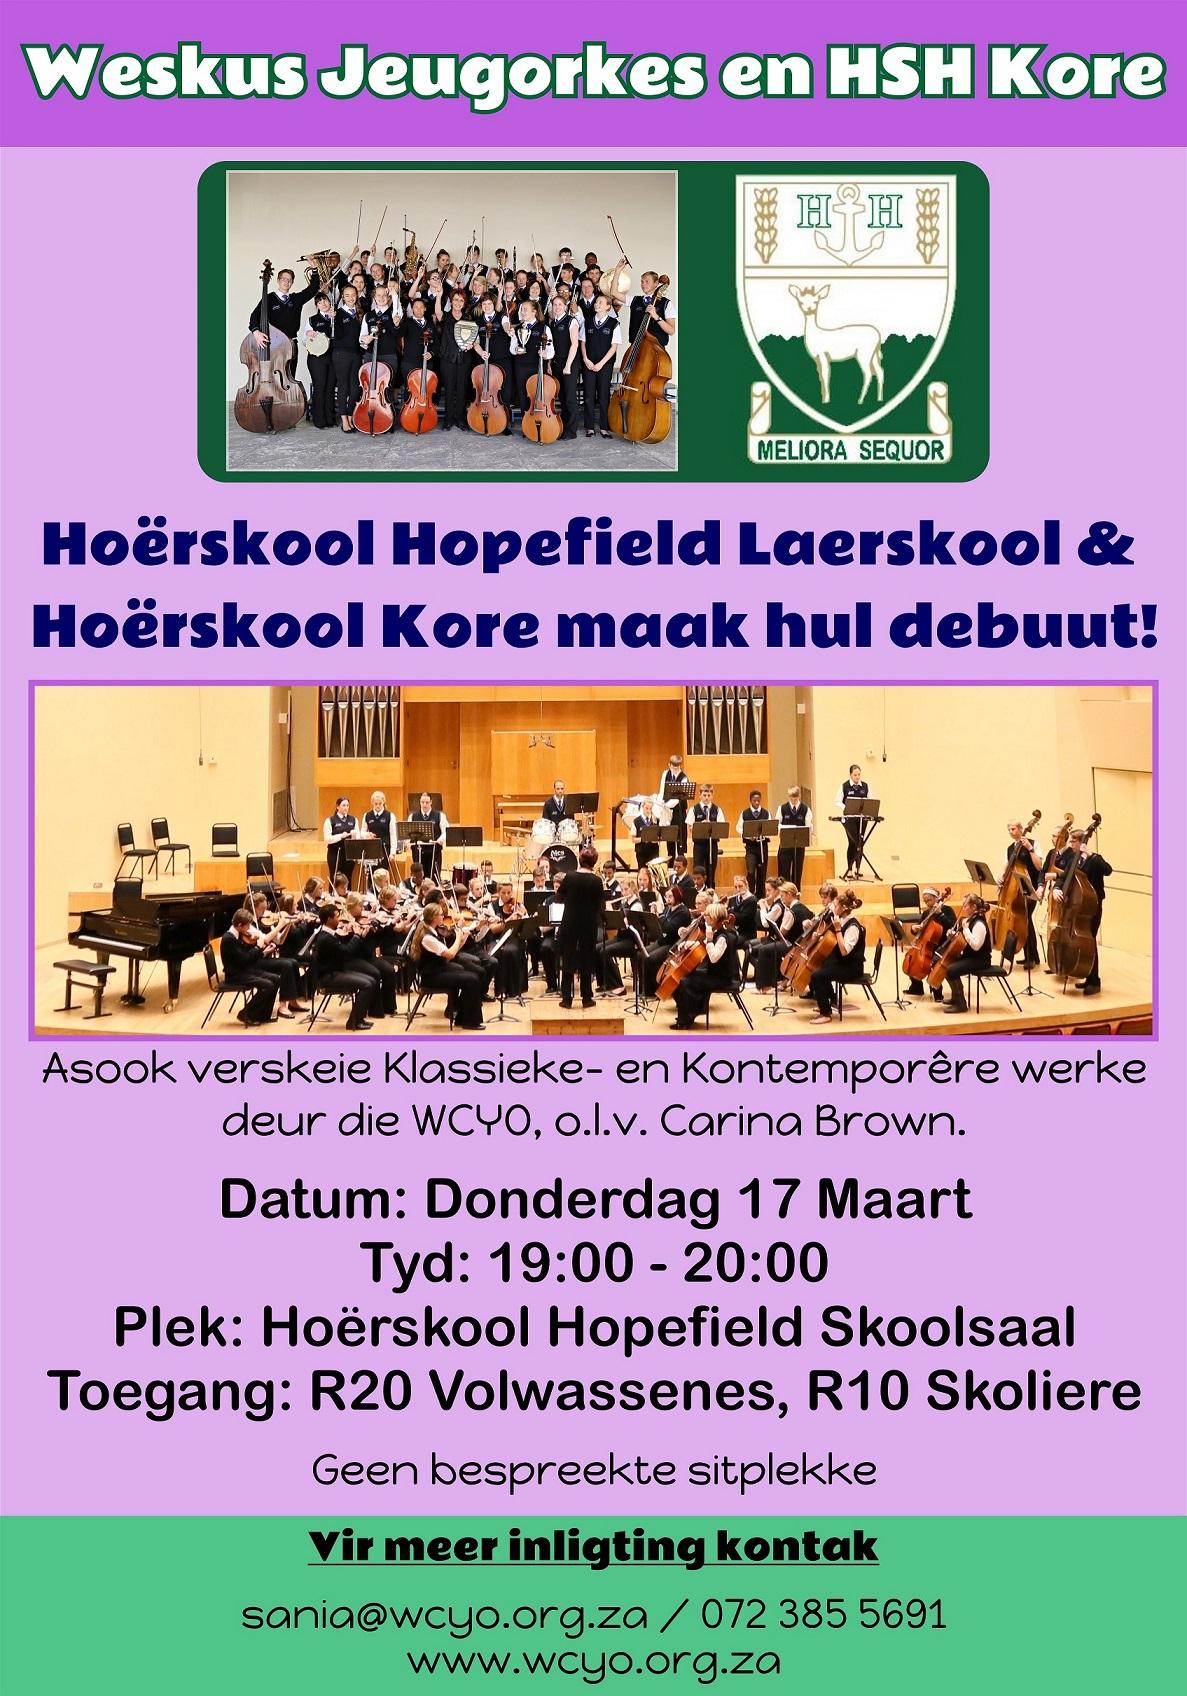 Konsert 17 Maart - verklein